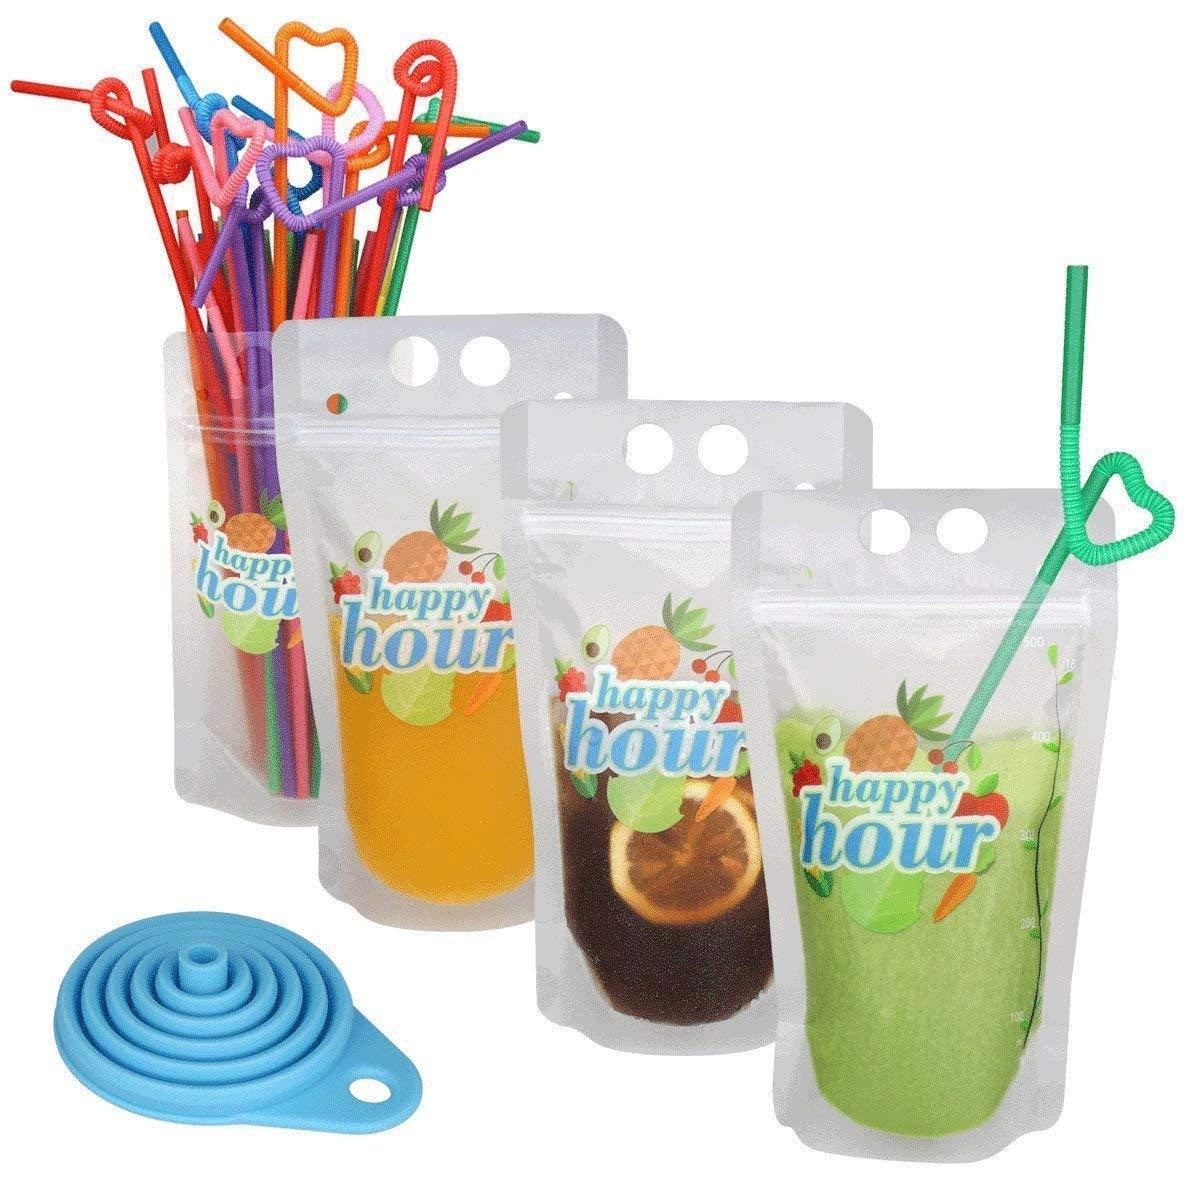 50個ジッパープラスチックPouches Drinkバッグ、頑丈携帯型半透明つや消しReclosable stand-upバッグ2.4